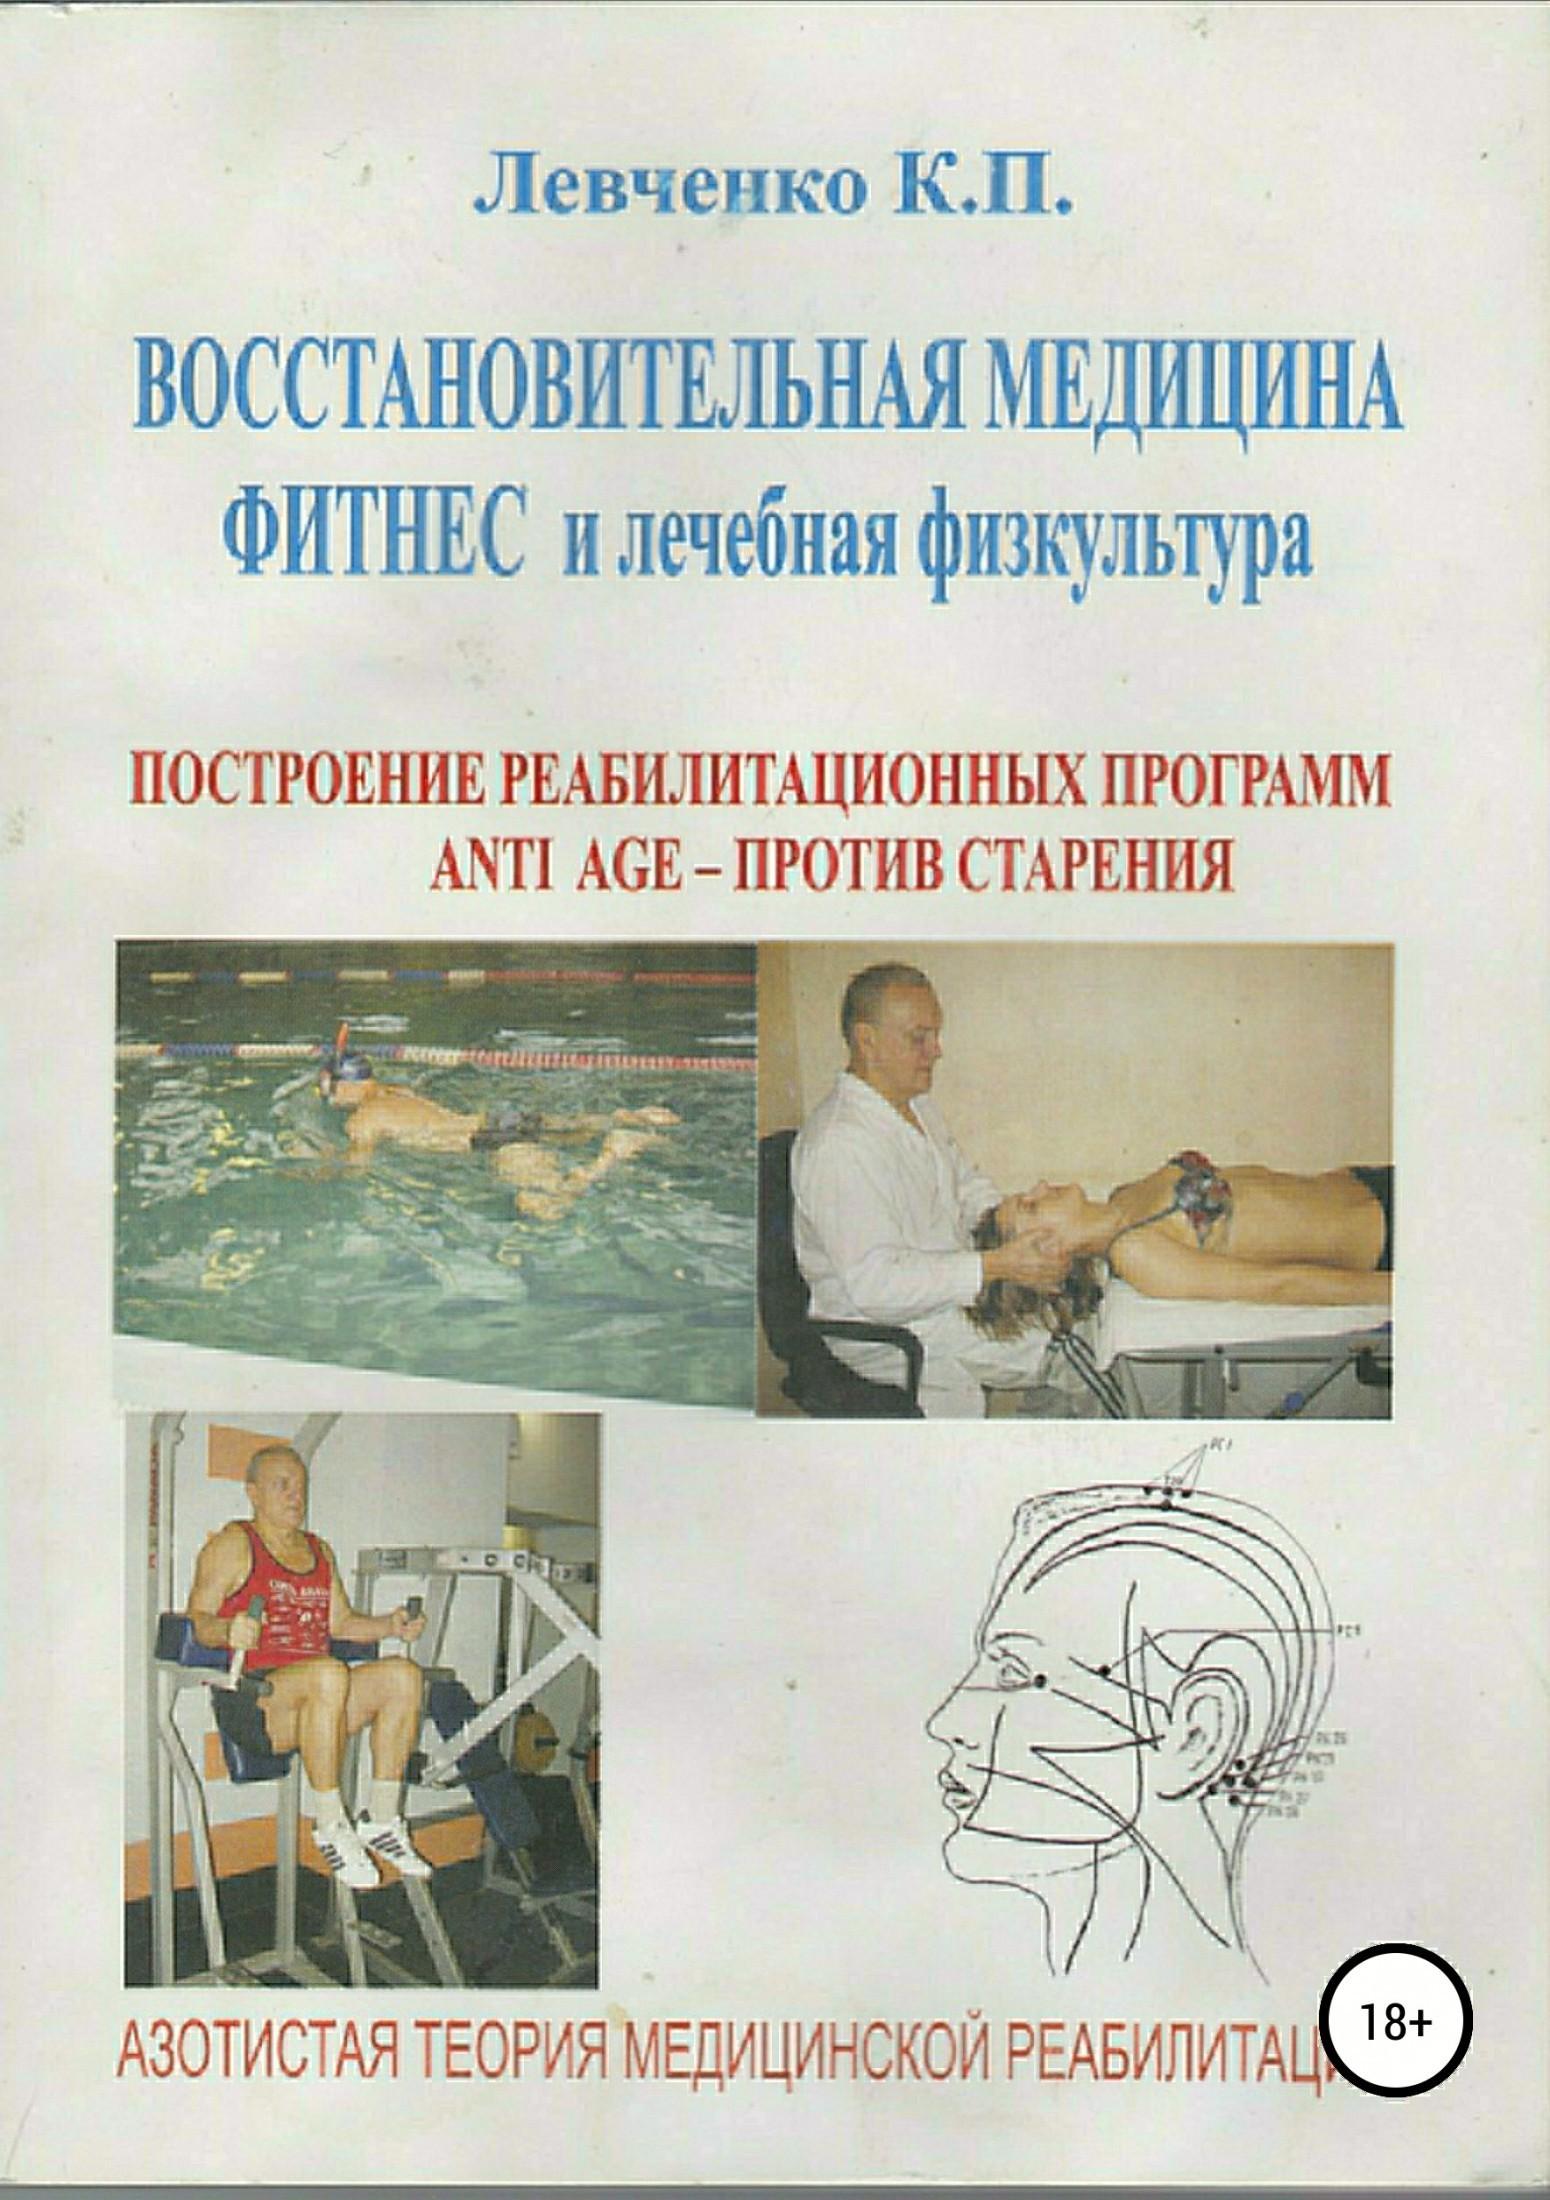 Константин Левченко - Восстановительная медицина. Фитнес и лечебная физкультура